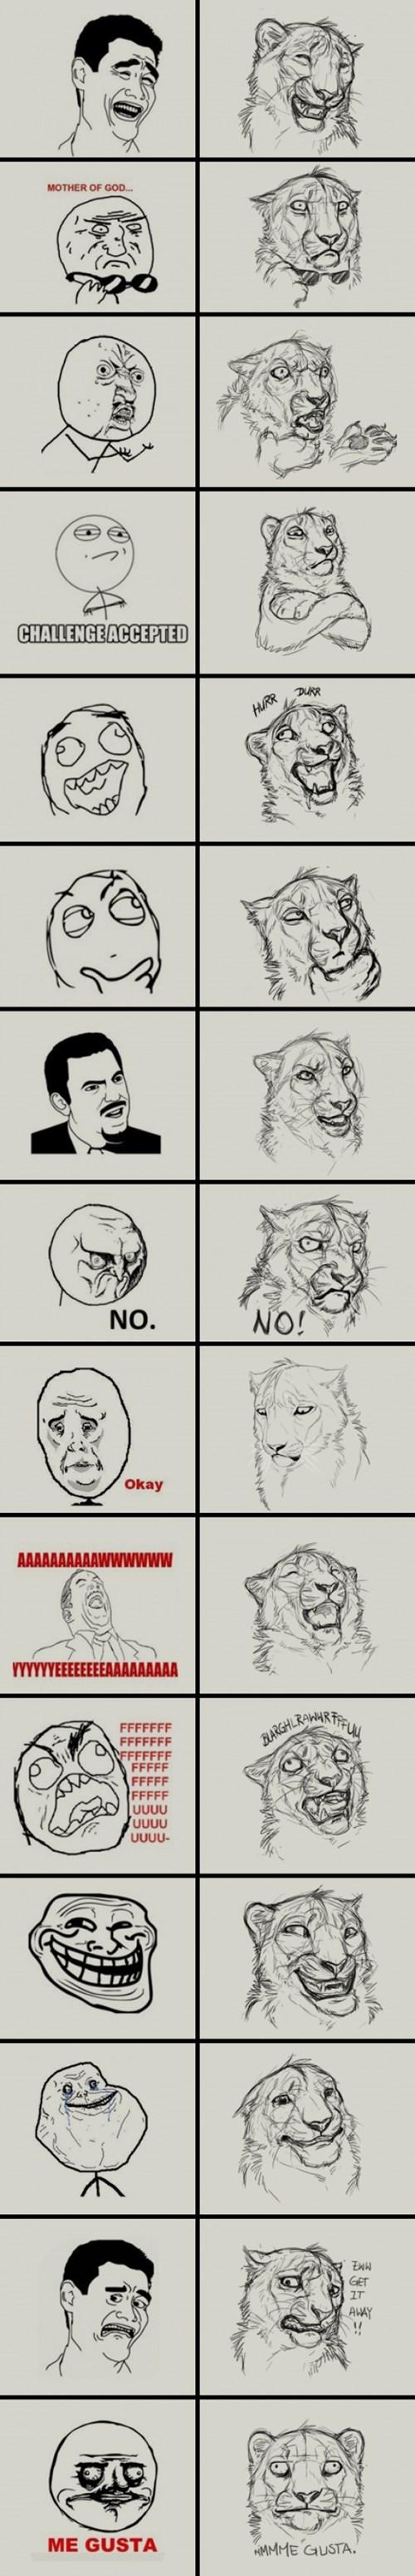 meme mas leon